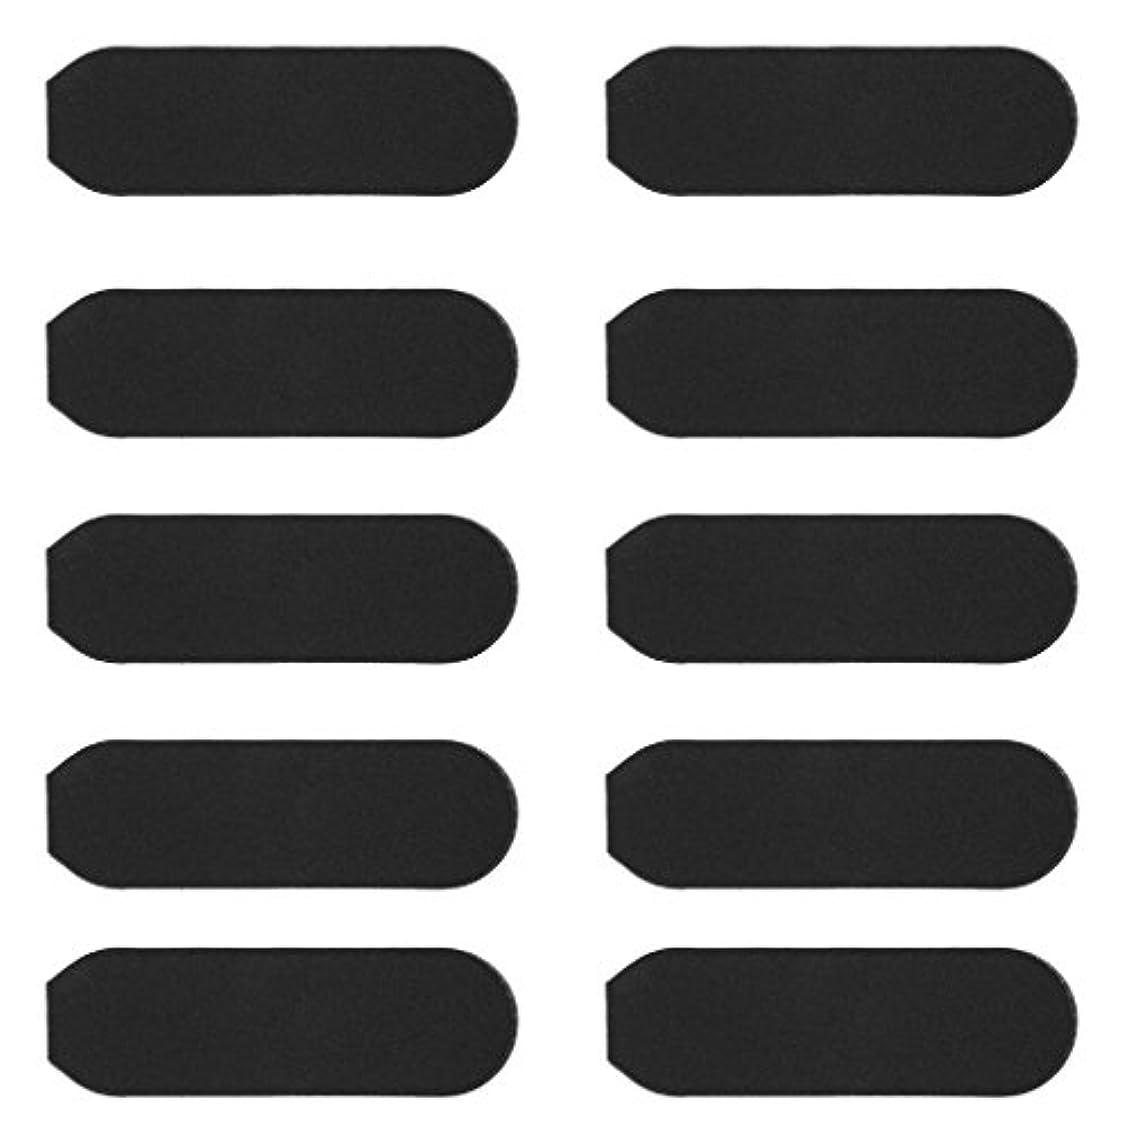 クーポンシルクコンプリートCUTICATE 10枚 自己接着 ペディキュア フットサンディング 角質 リムーバー デッド スキンリムーバー